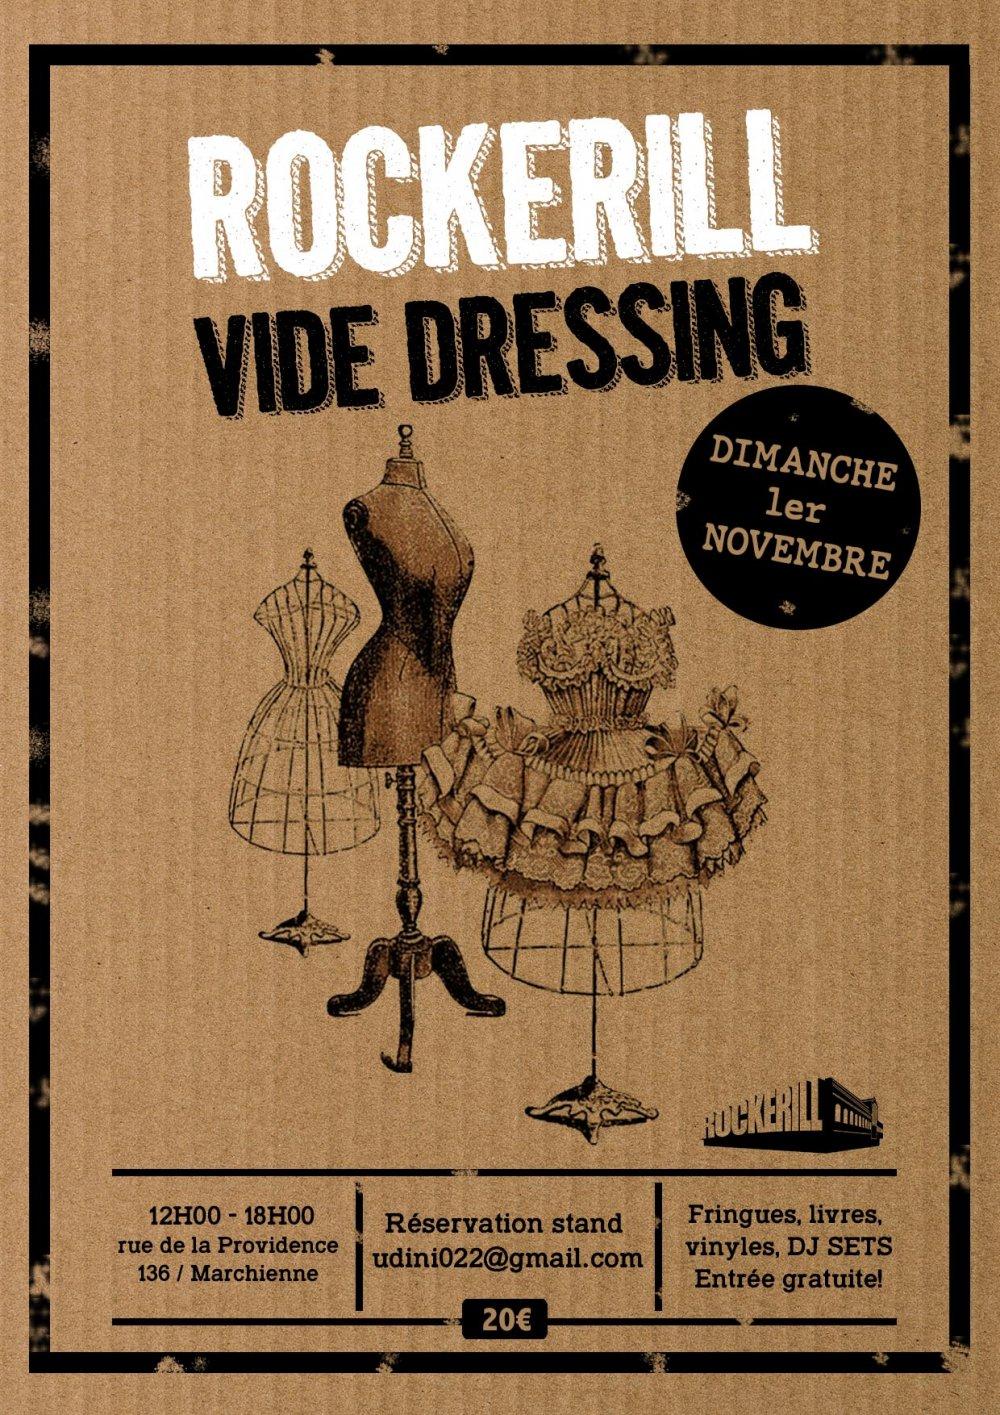 Rockerill Vide Dressing (reporté à une date ultérieure)...